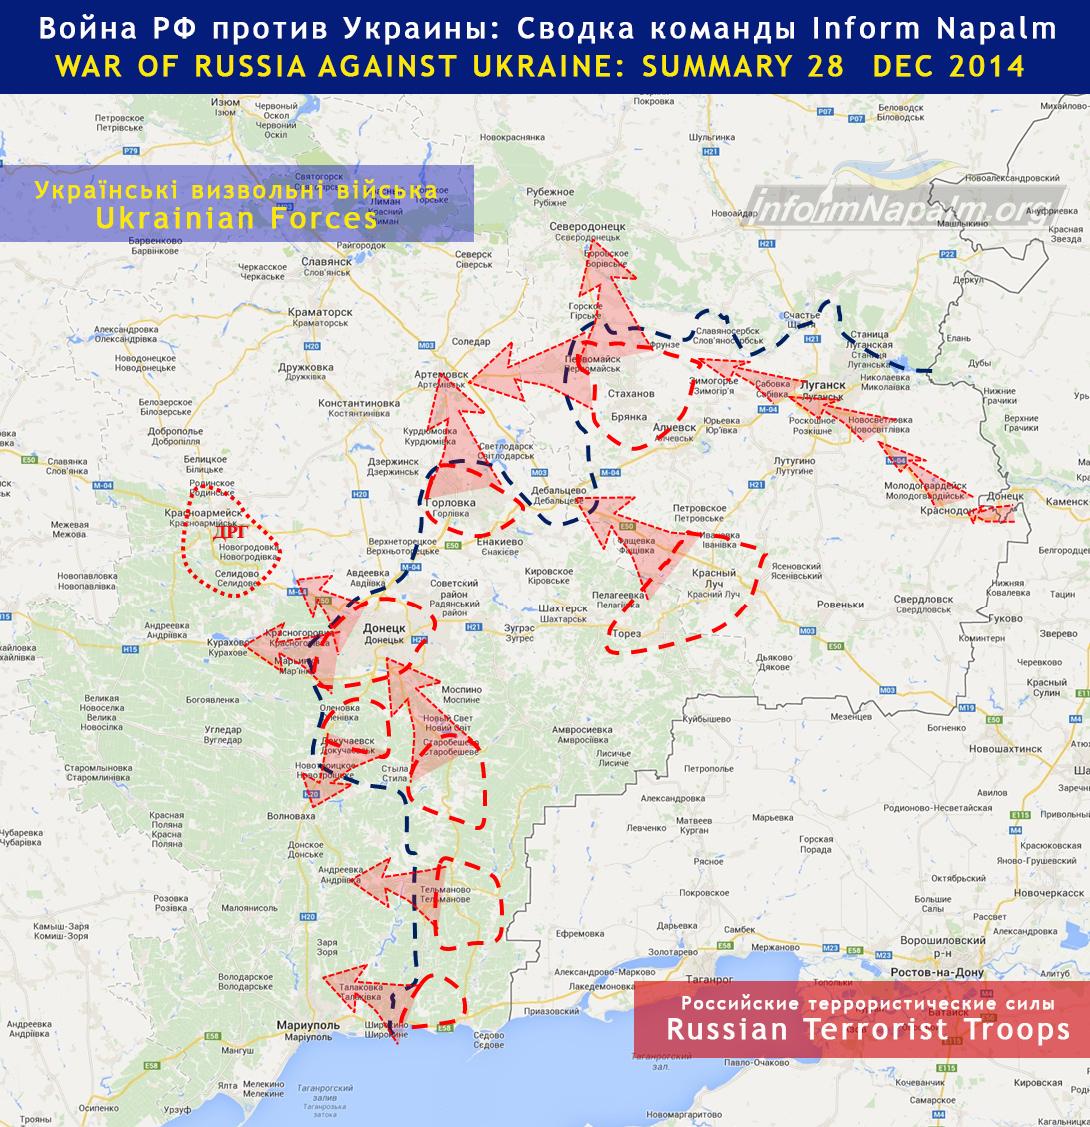 Карта 28 декабря